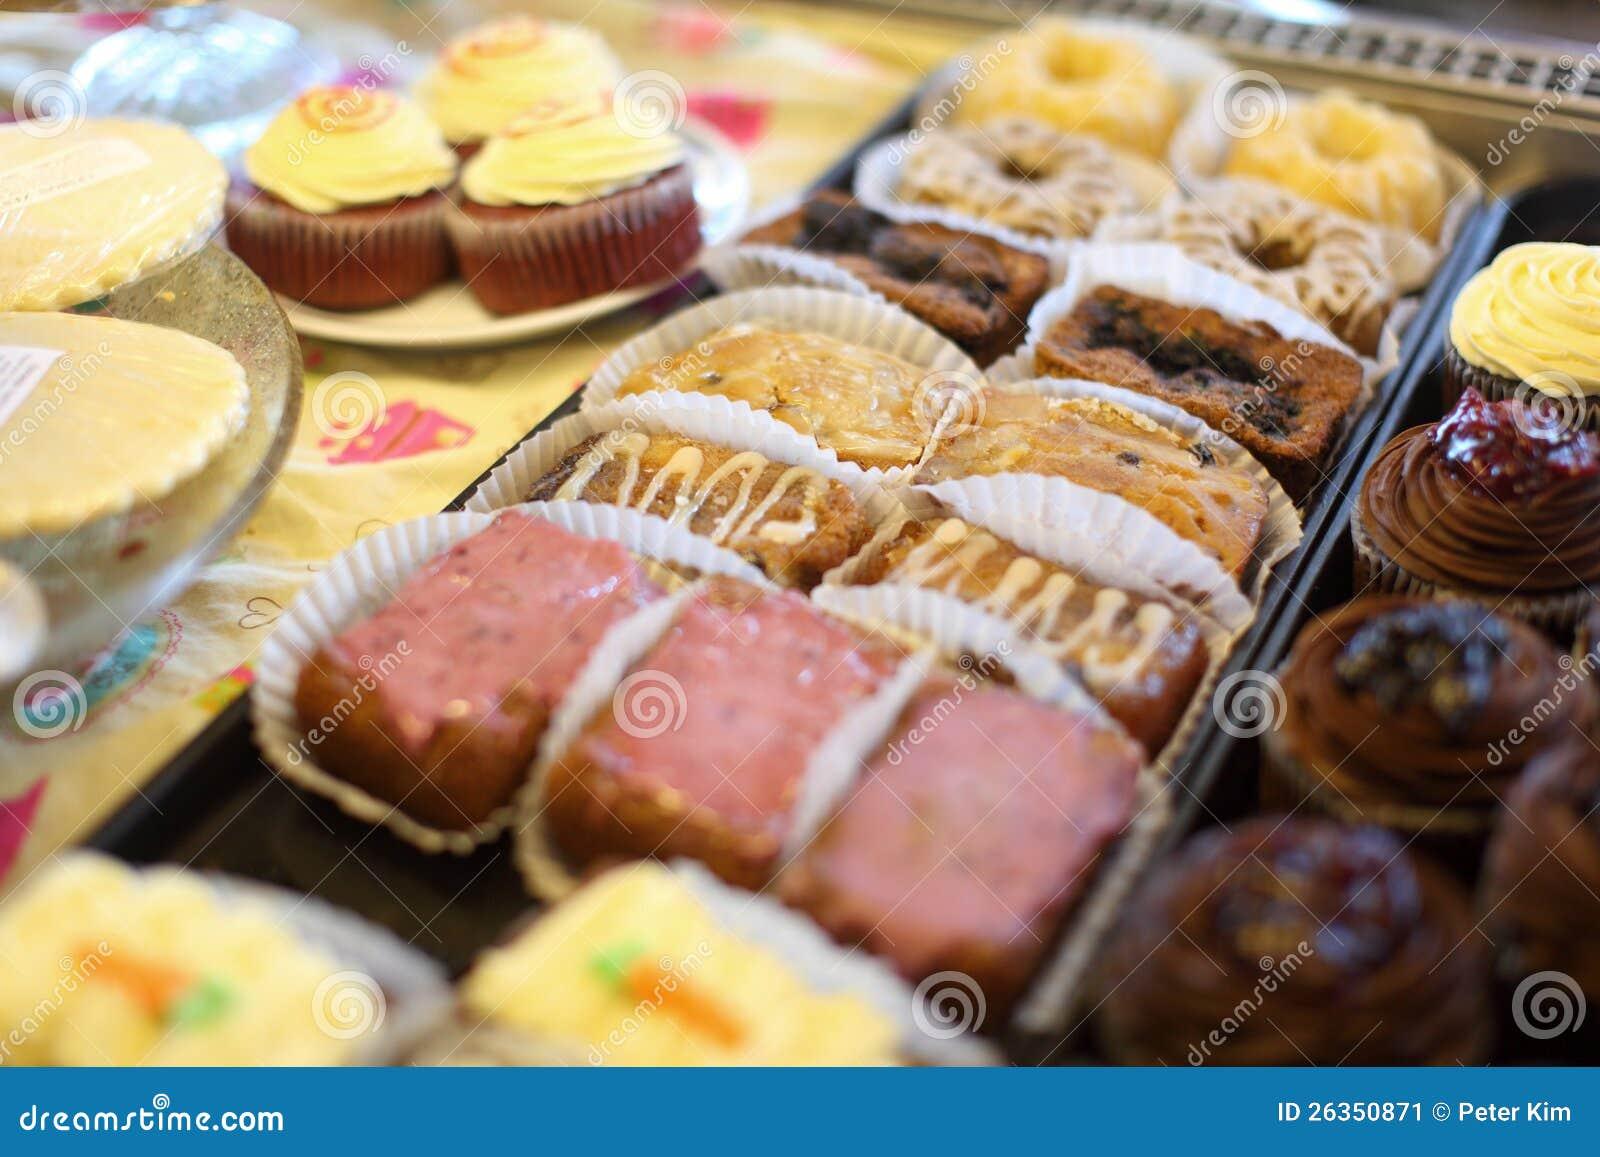 Sortierte Minikuchen und kleine Kuchen